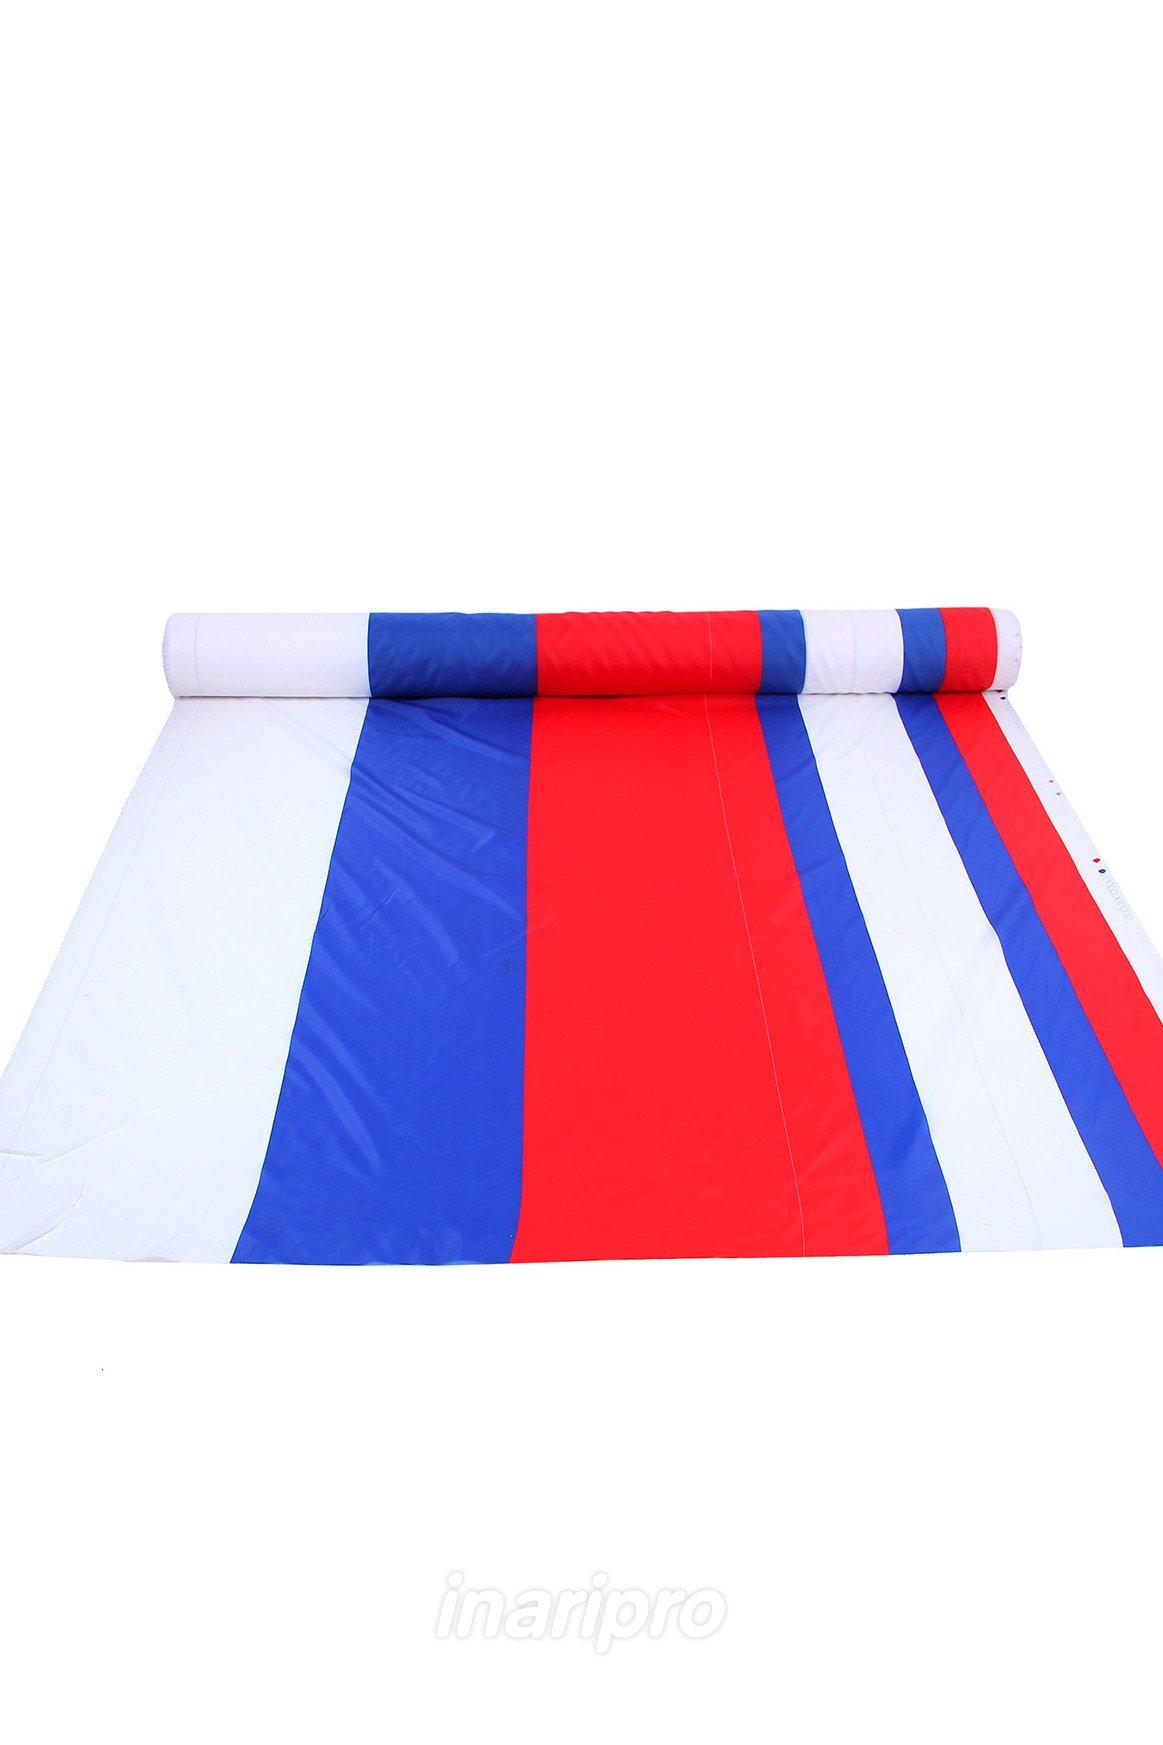 Купить ткань флаг как вывести апельсиновое пятно с белой одежды